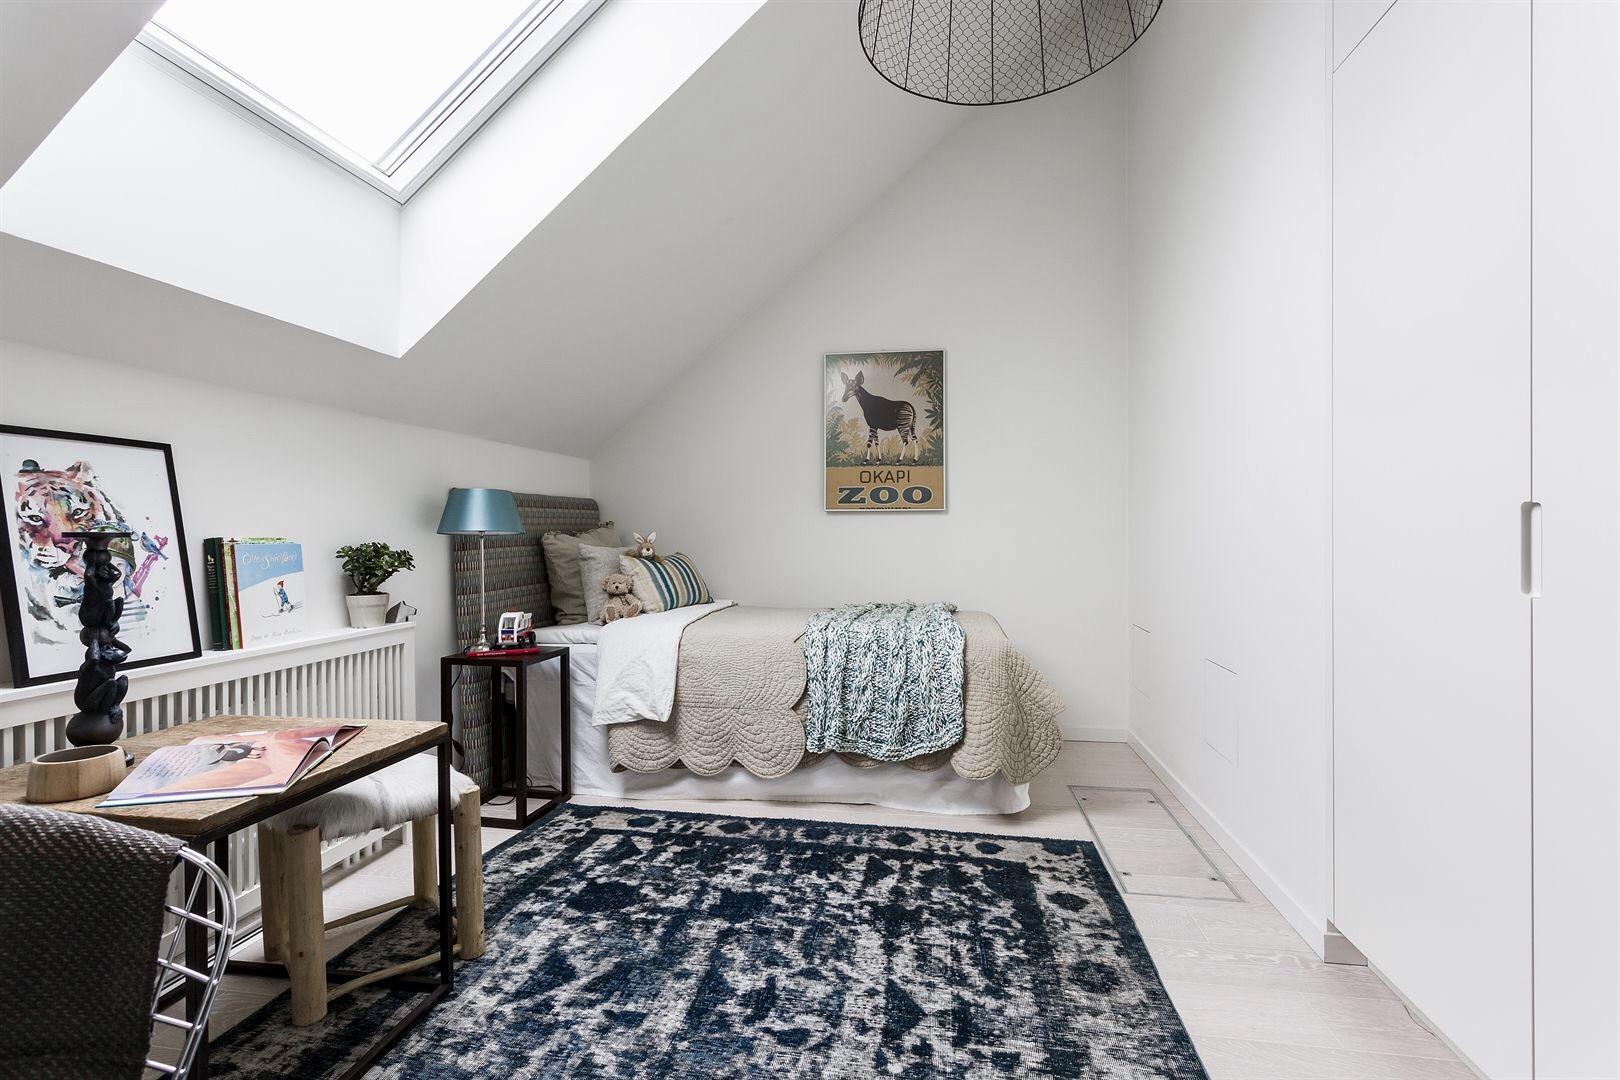 мансарда окно детская комната кровать текстиль встроенный шкаф